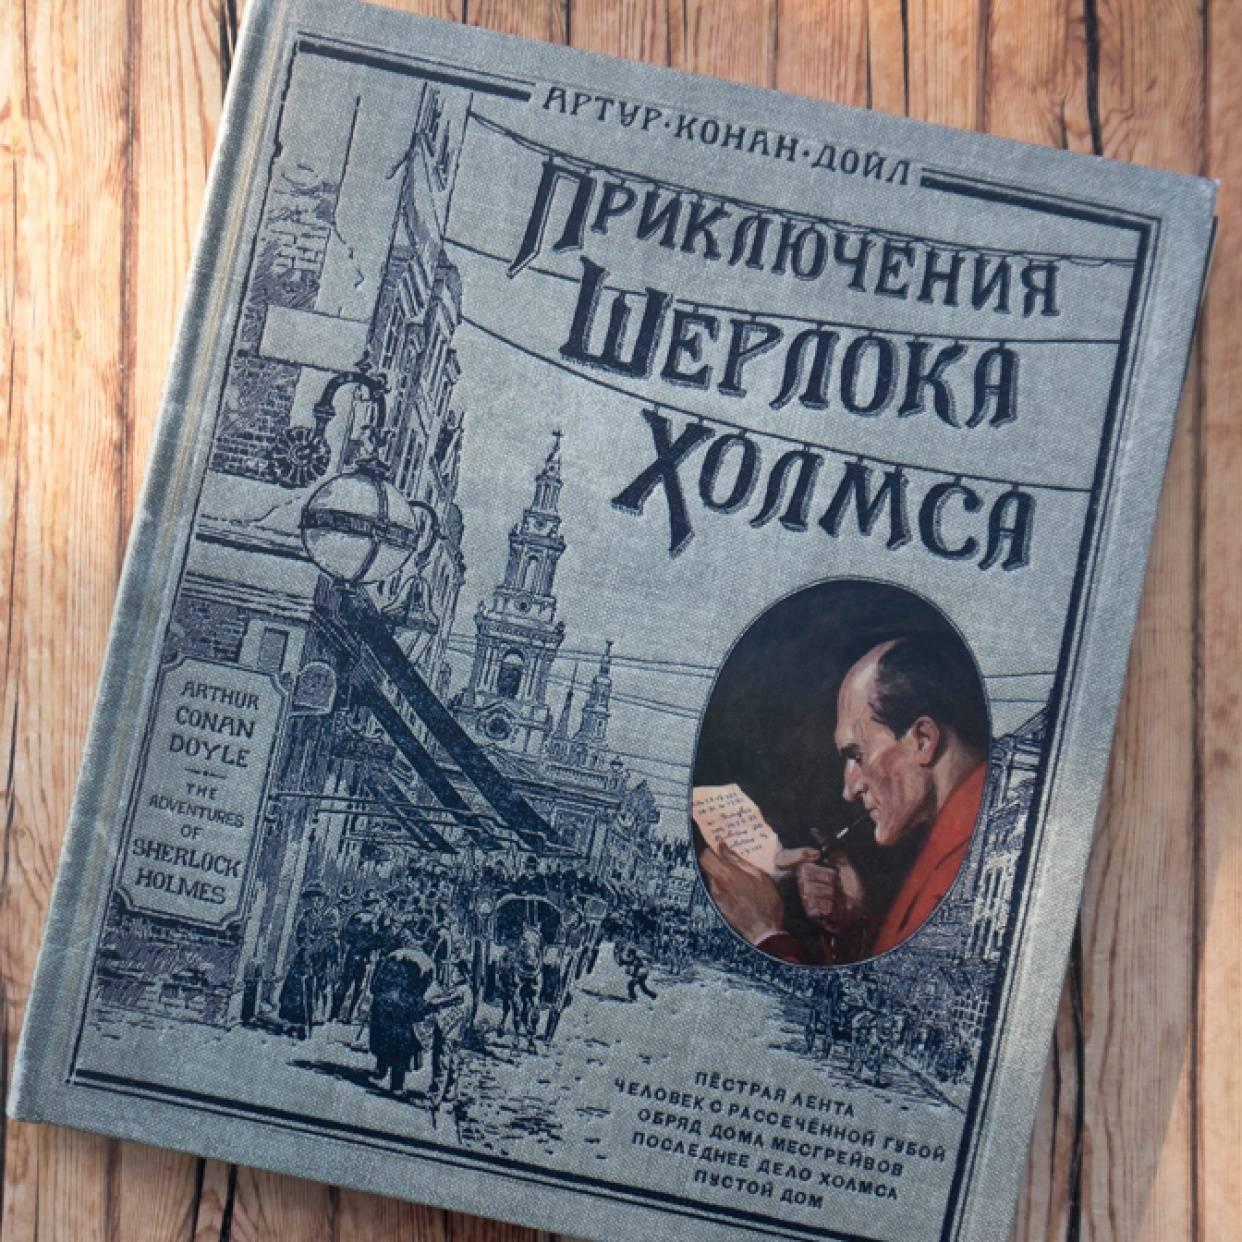 Интерактивному «Шерлоку» — год! Интервью с ведущим редактором Аленой Новичковой